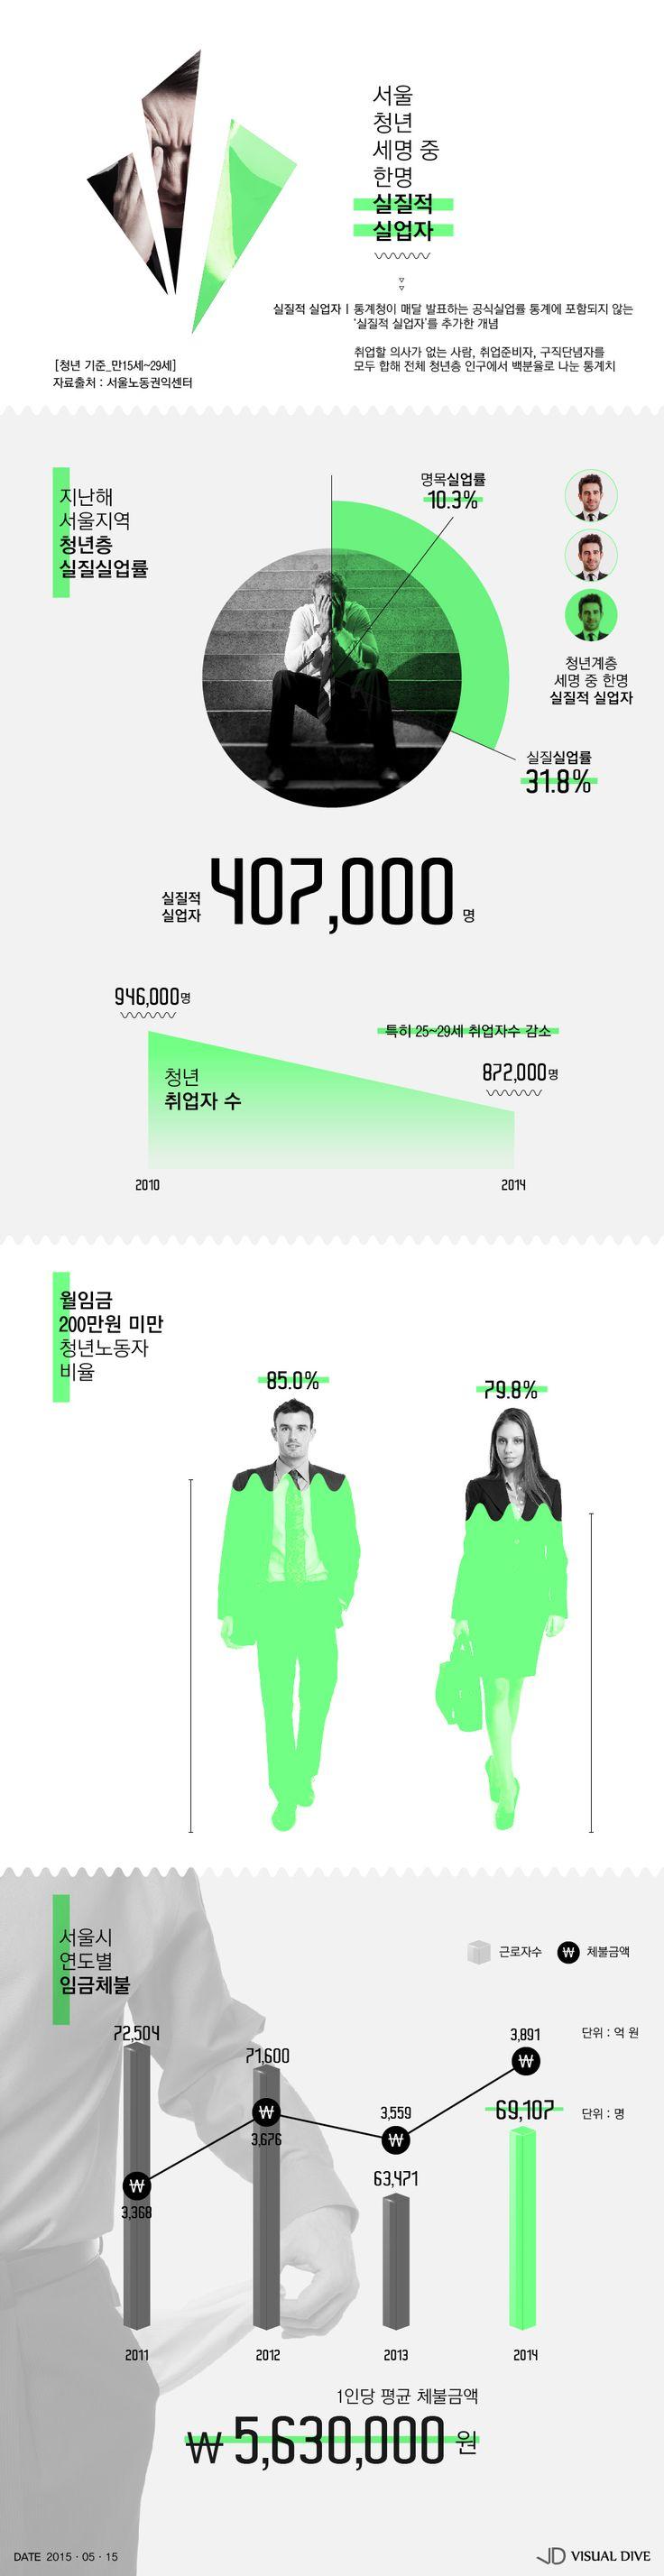 서울 청년 '실질적 실업자' 3명 중 1명꼴 [인포그래픽] #unemployed / #Infographic ⓒ 비주얼다이브 무단 복사·전재·재배포 금지